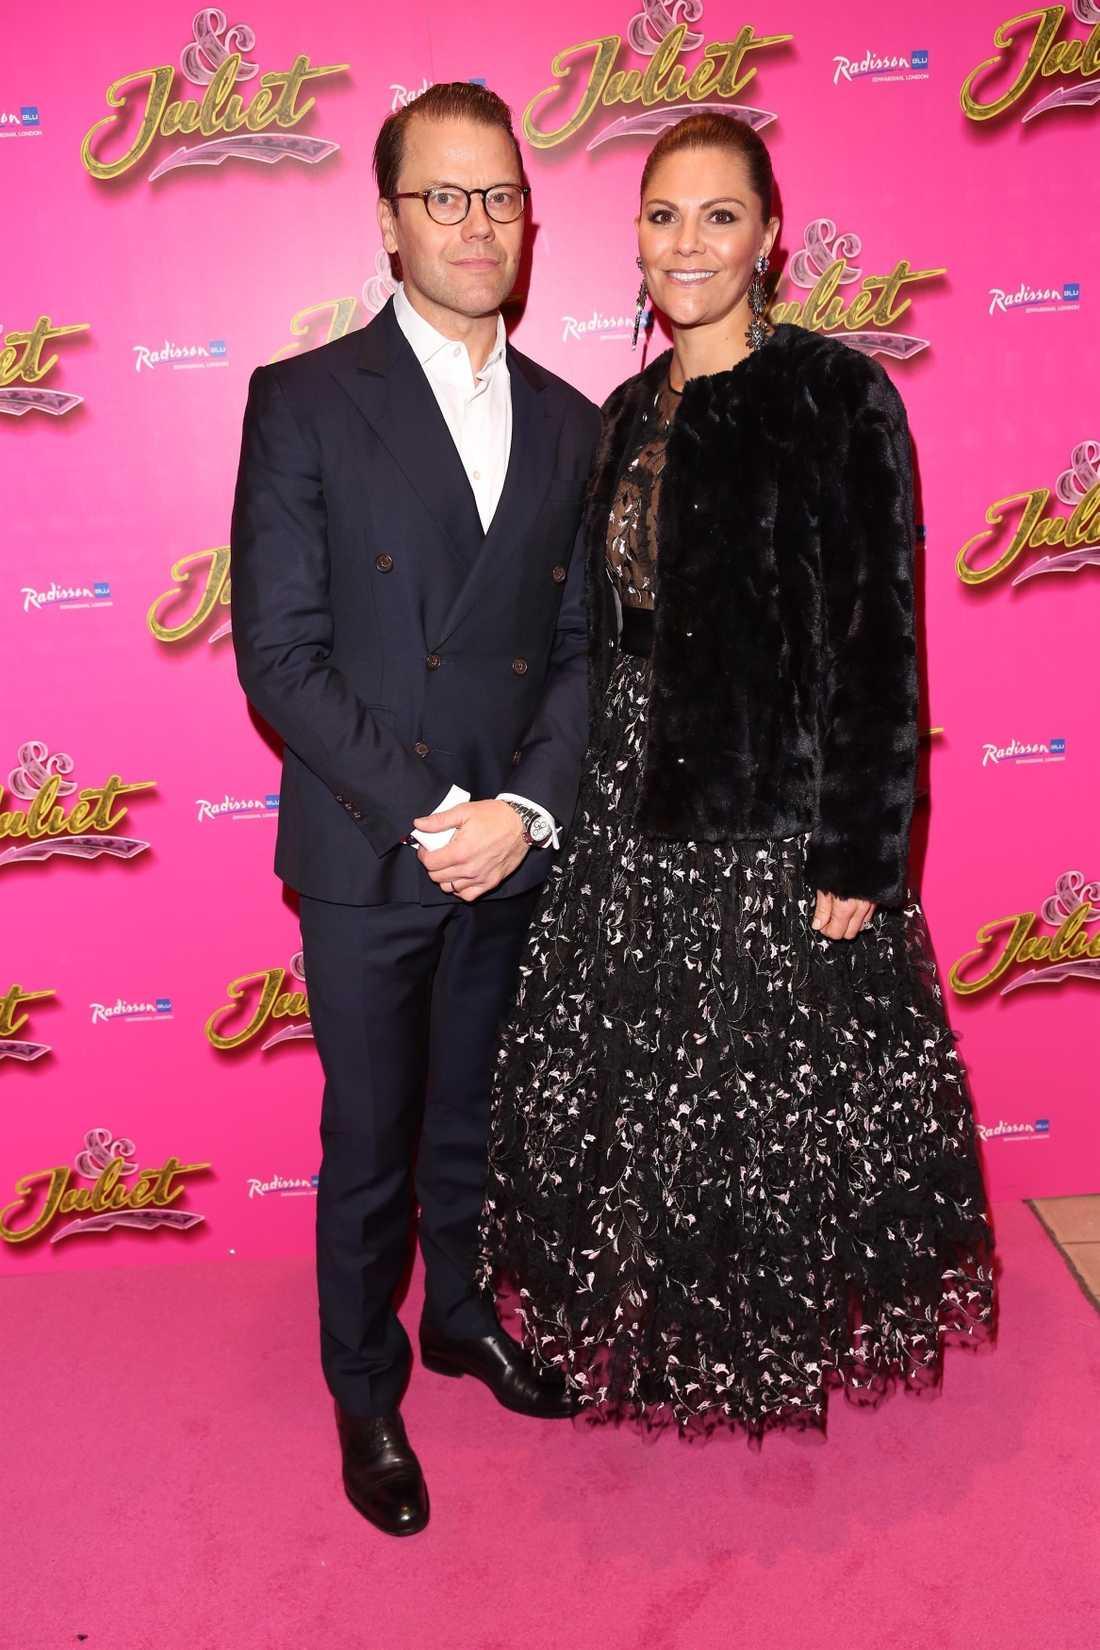 Det var kändistätt i publiken under onsdagens premiärvisning i London. Här är kronprinsessan Victoria tillsammans med kronprins Daniel.